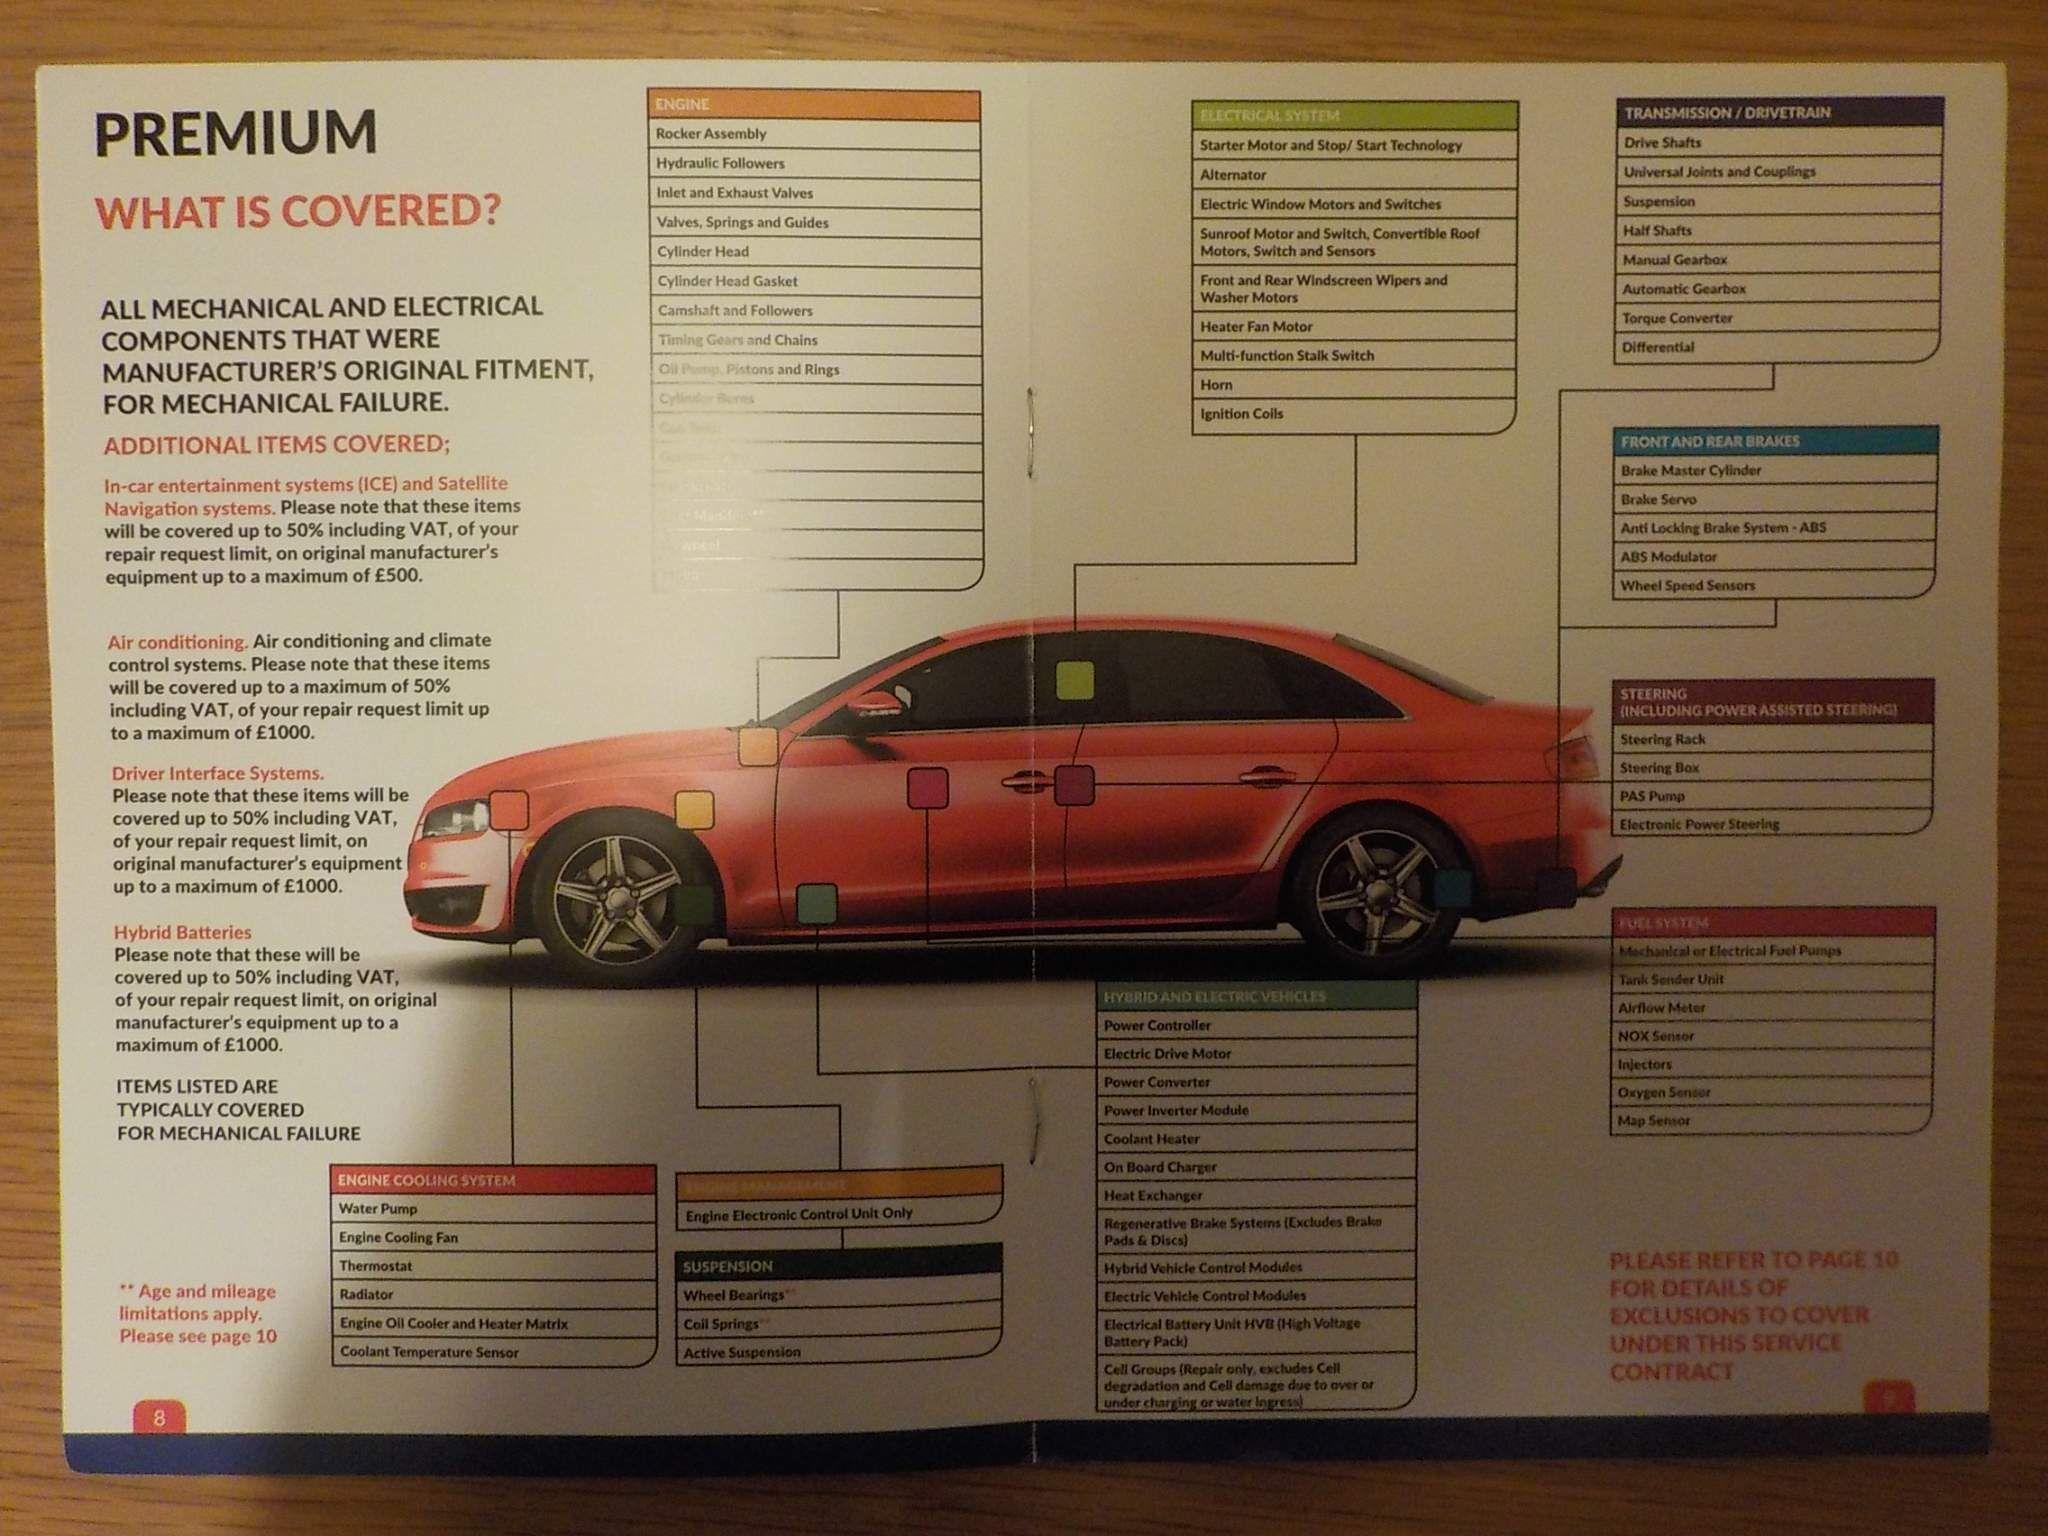 SEAT Ibiza 1.2 TDI CR S Copa SportCoupe 3dr